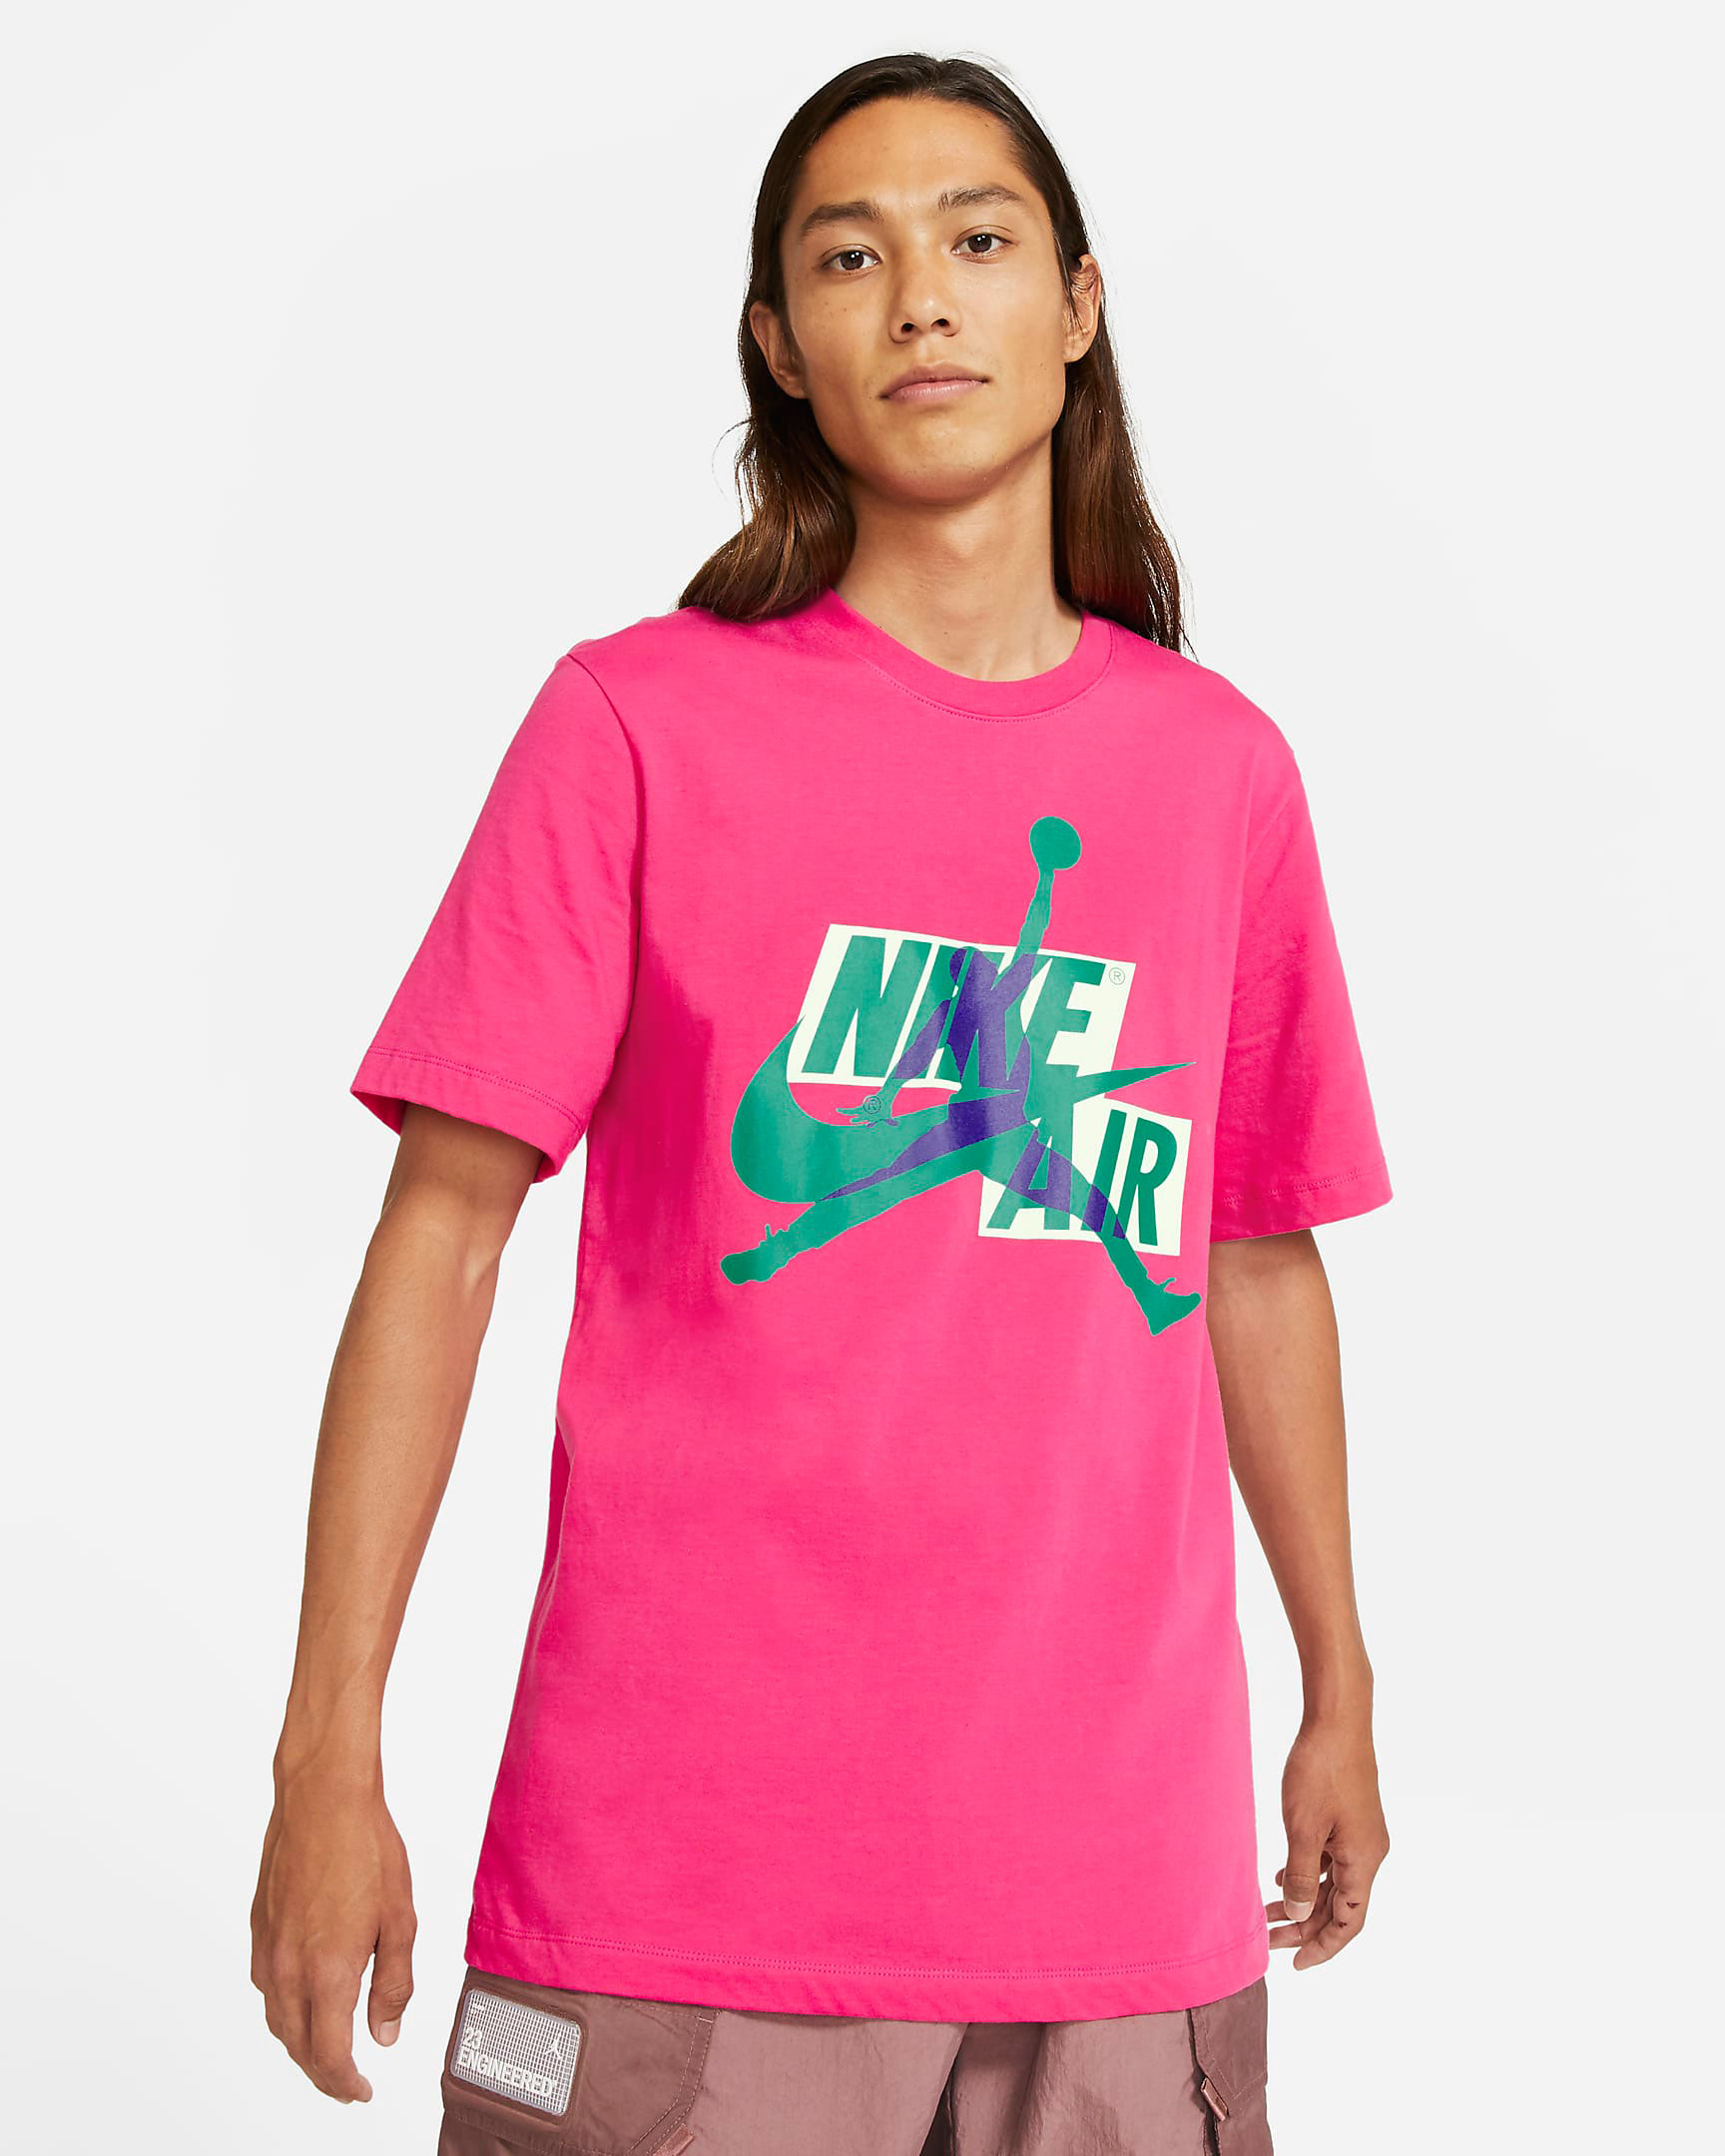 jordan-jumpman-classics-shirt-watermelon-pink-green-purple